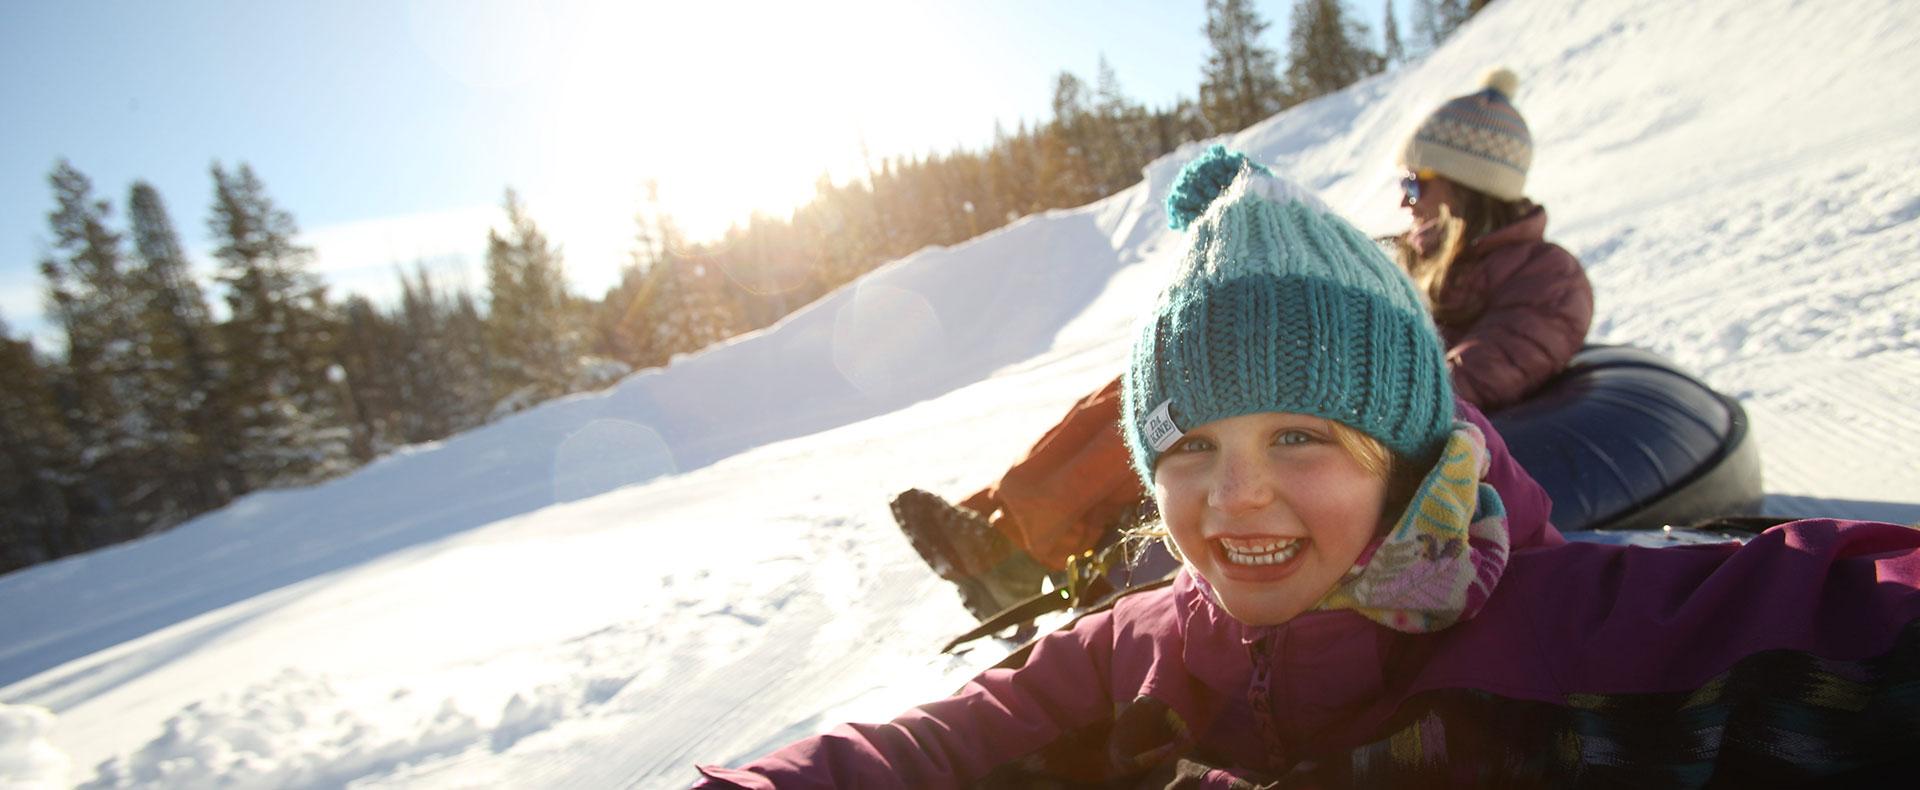 Snowplay_Header1 image